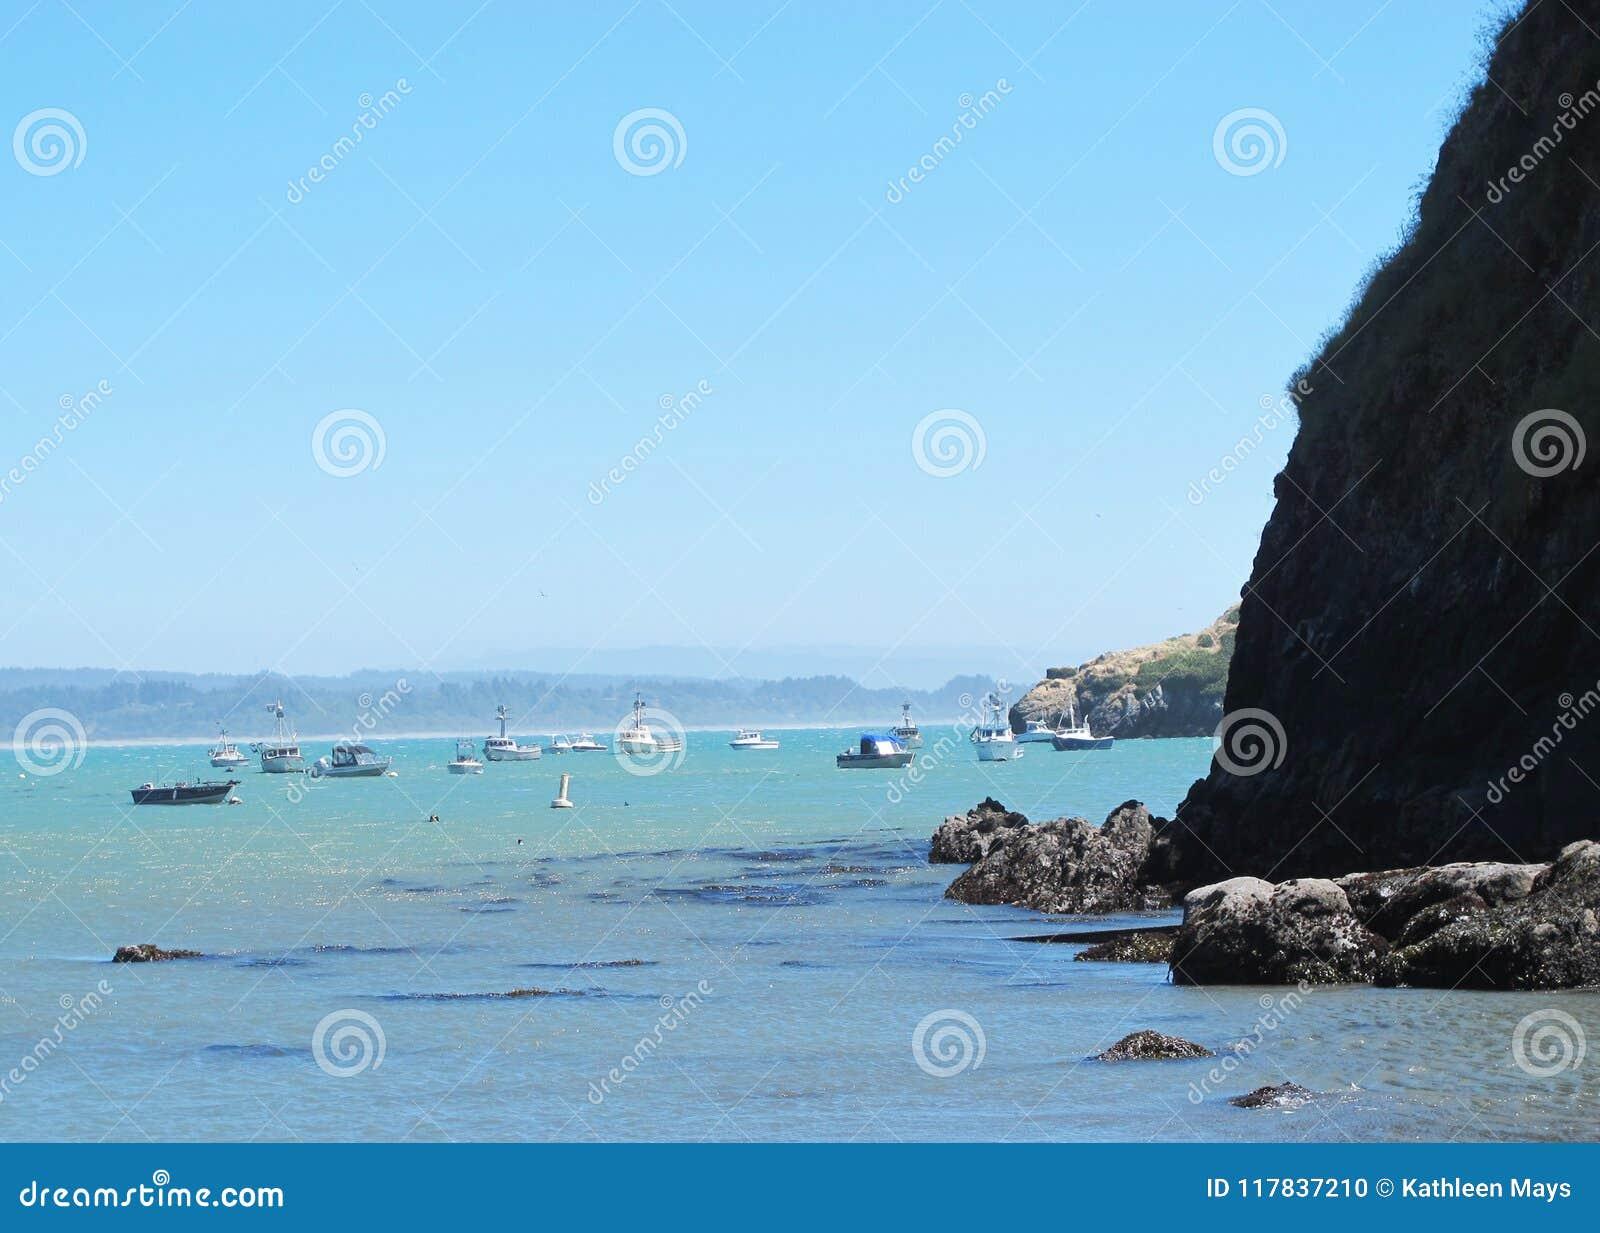 Blauw Oceaan, Zeewier en Rocky Cliffs in Baai met Vissersboten